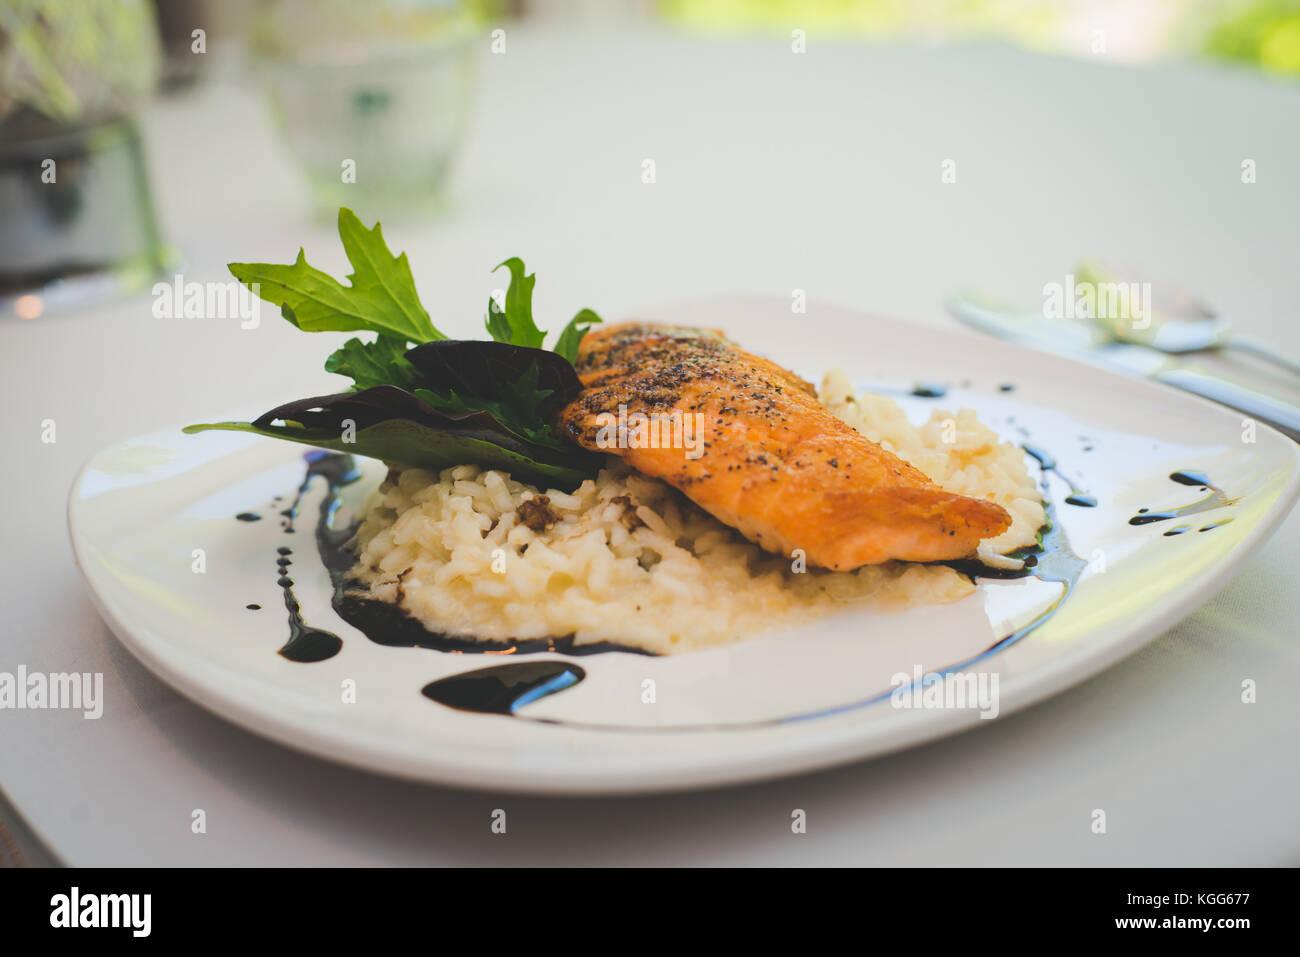 Un plat de riz et de saumon plaqué présenté dans un restaurant. Photo Stock